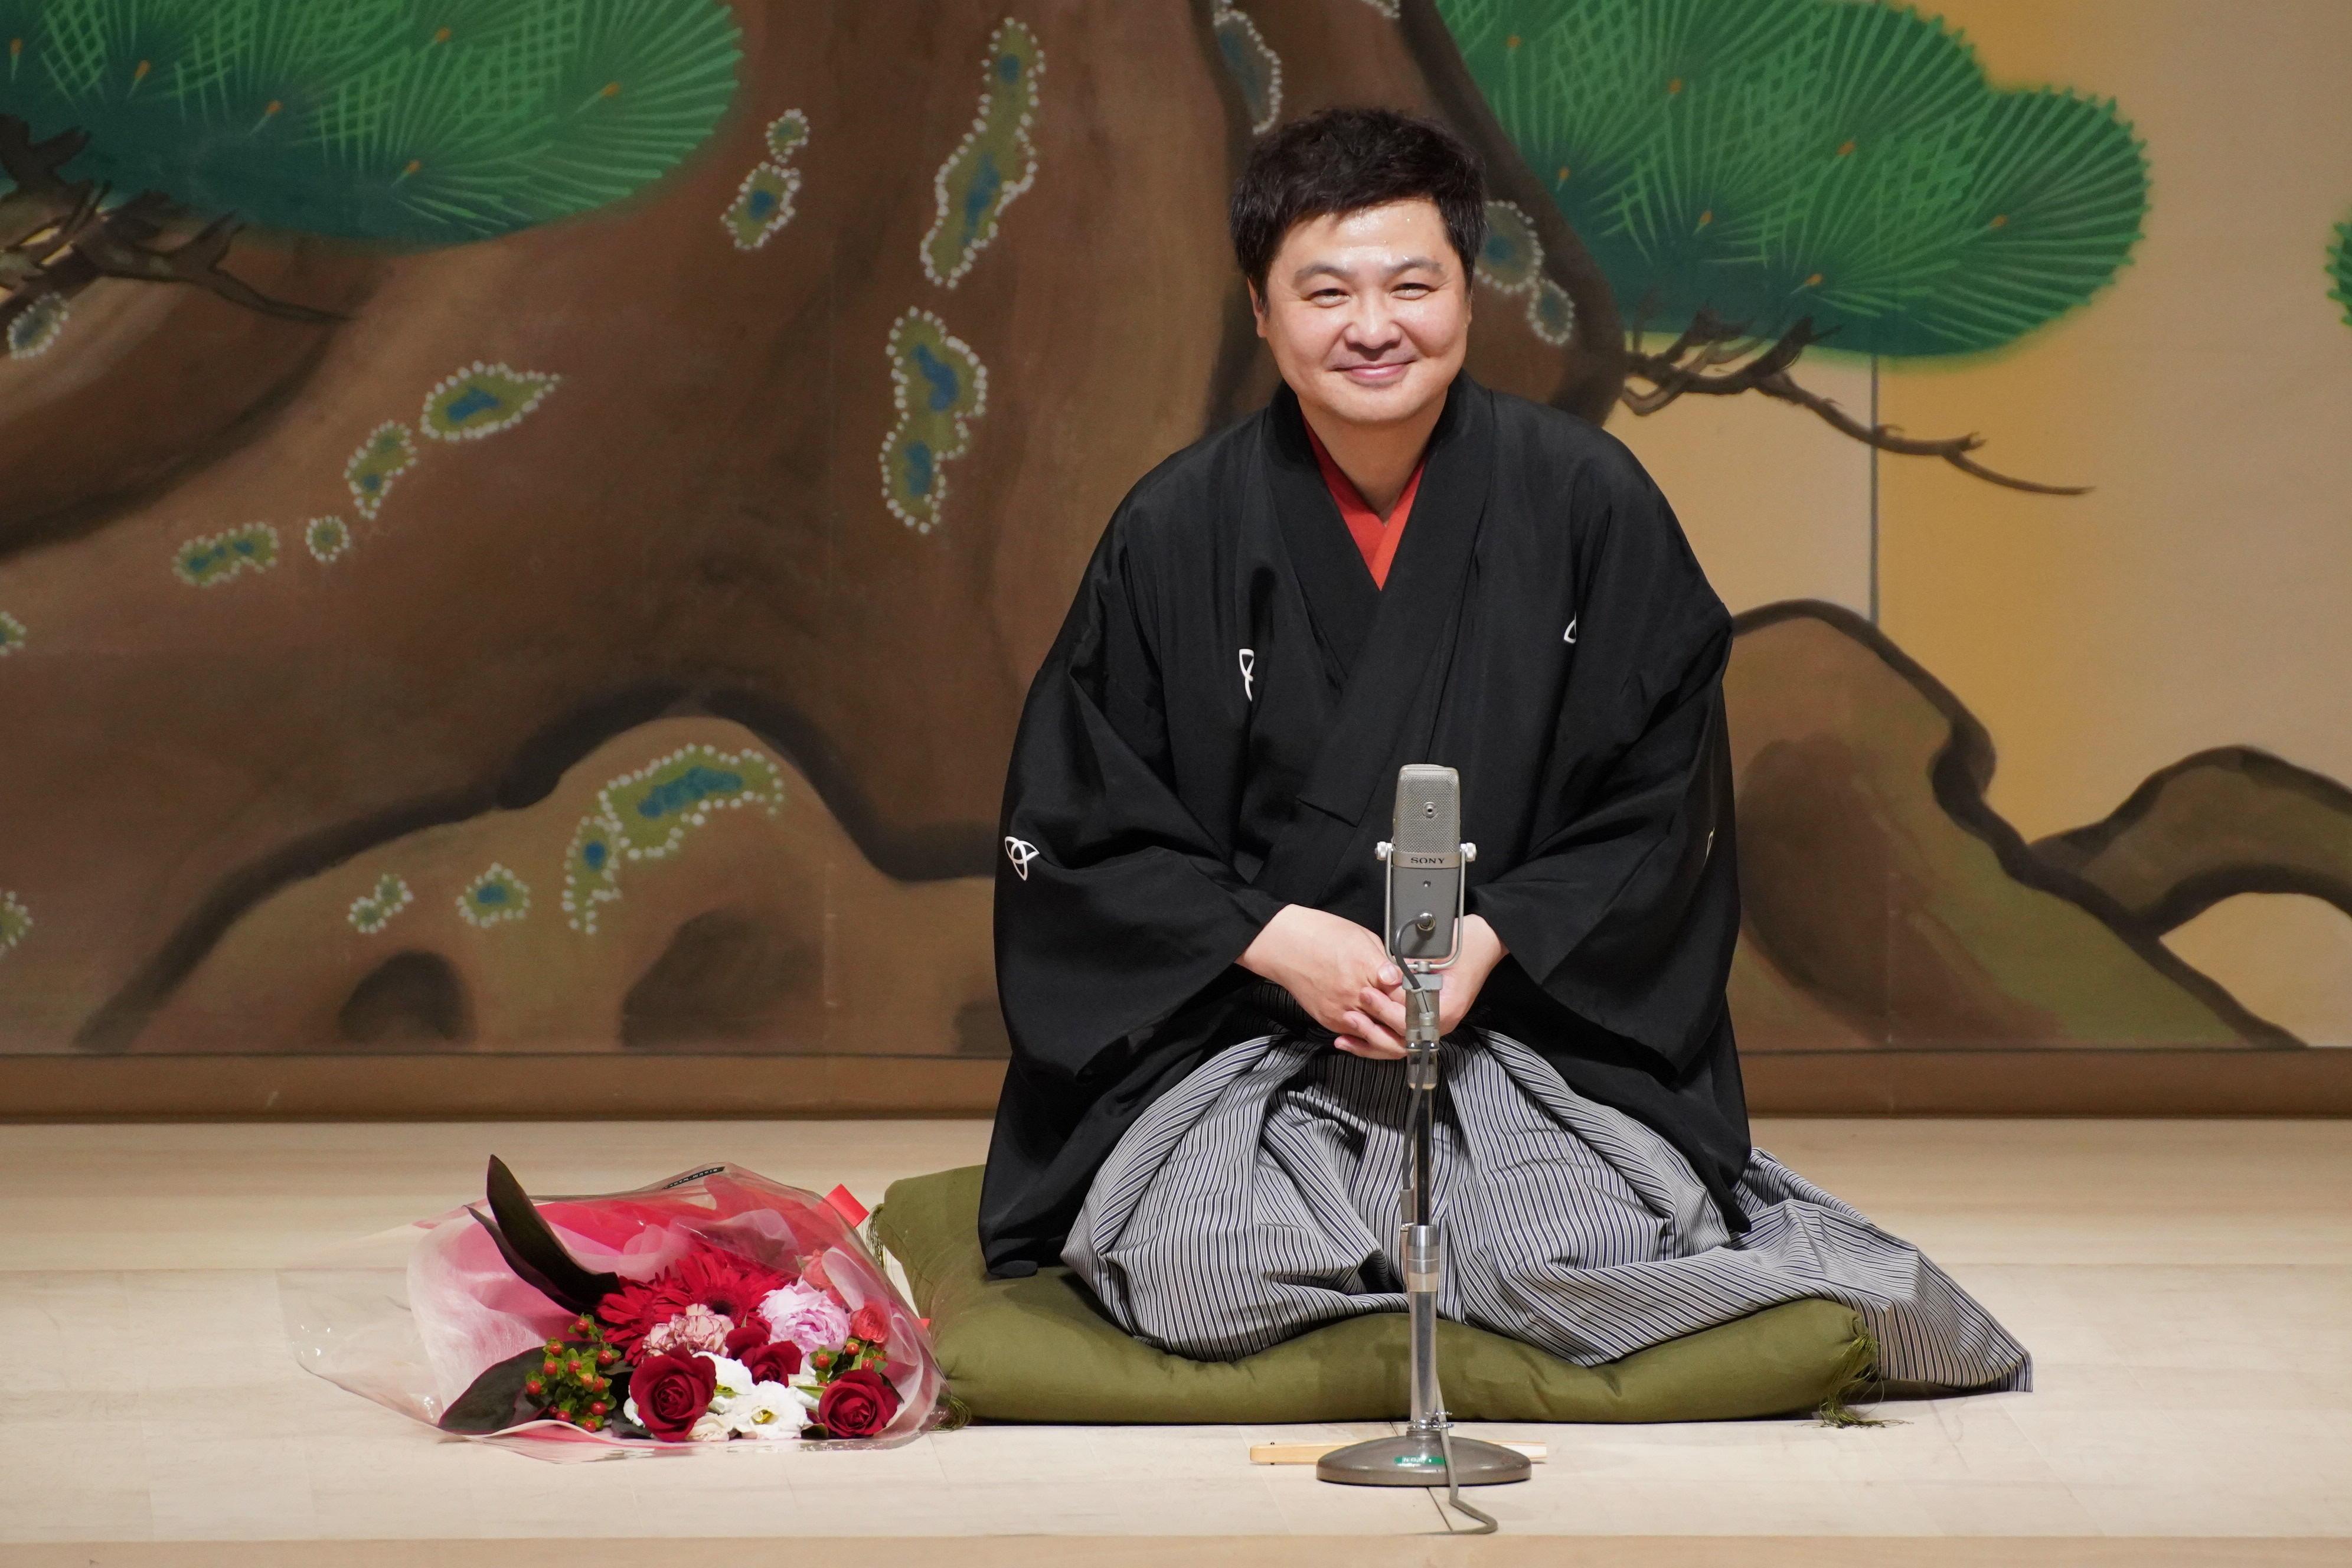 http://news.yoshimoto.co.jp/20180512205313-404791c2dee93bd4a51b42aa316da651313d6b33.jpg